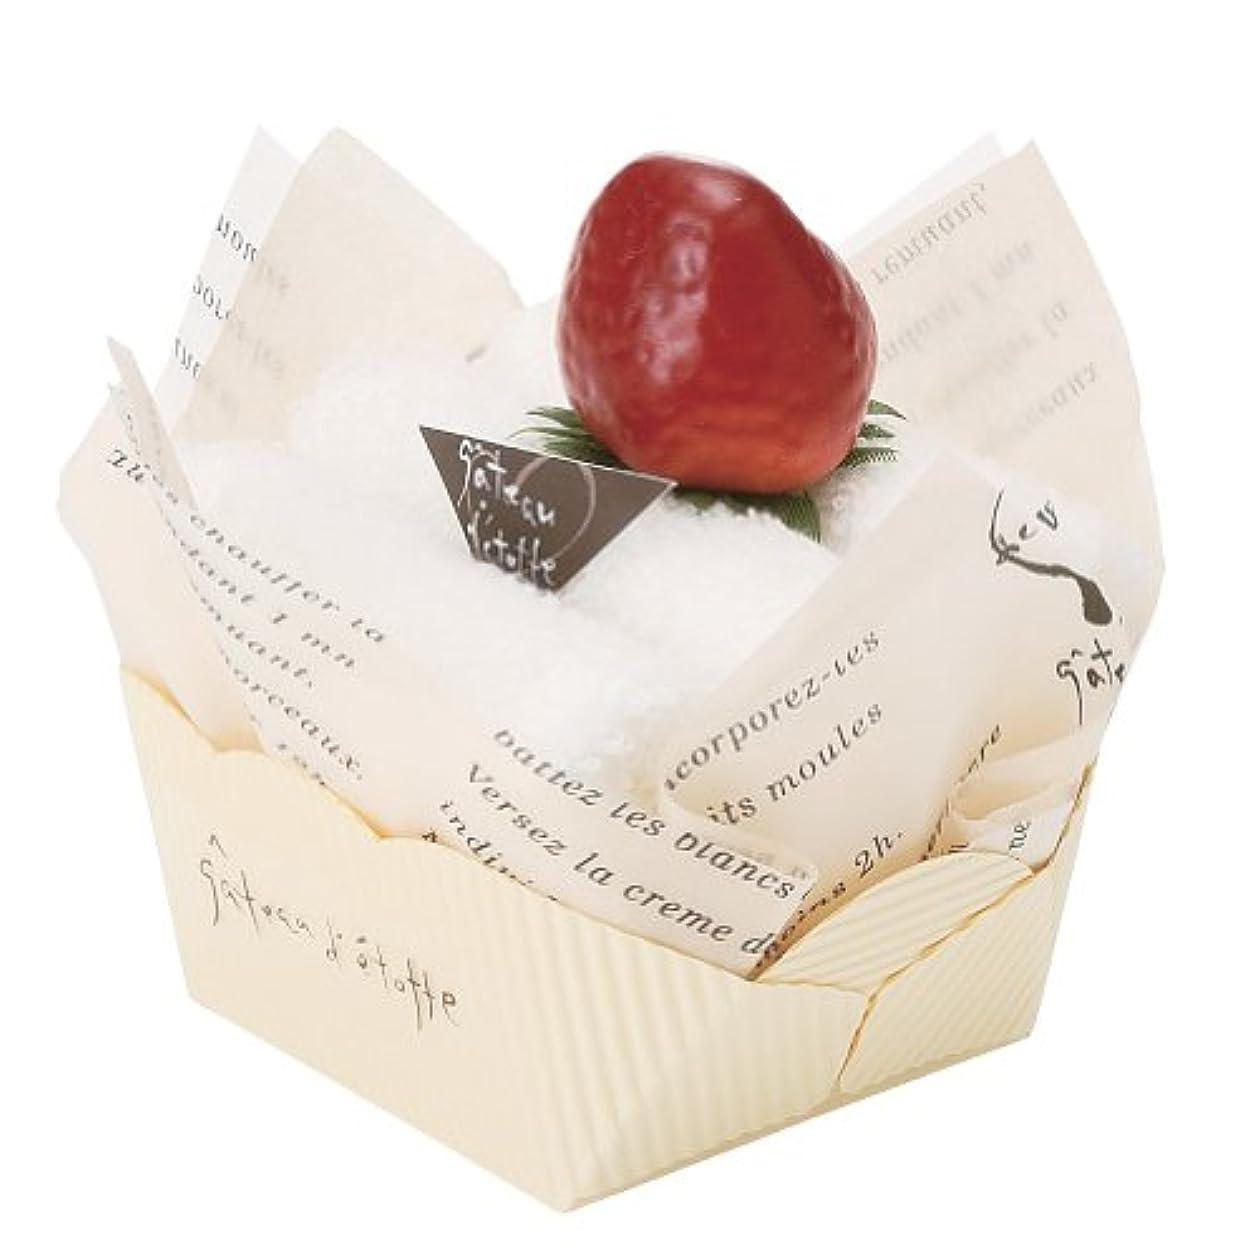 スクラブ見物人太平洋諸島日本ユーテンシル ガトーエトフタオル ショートケーキ イチゴ